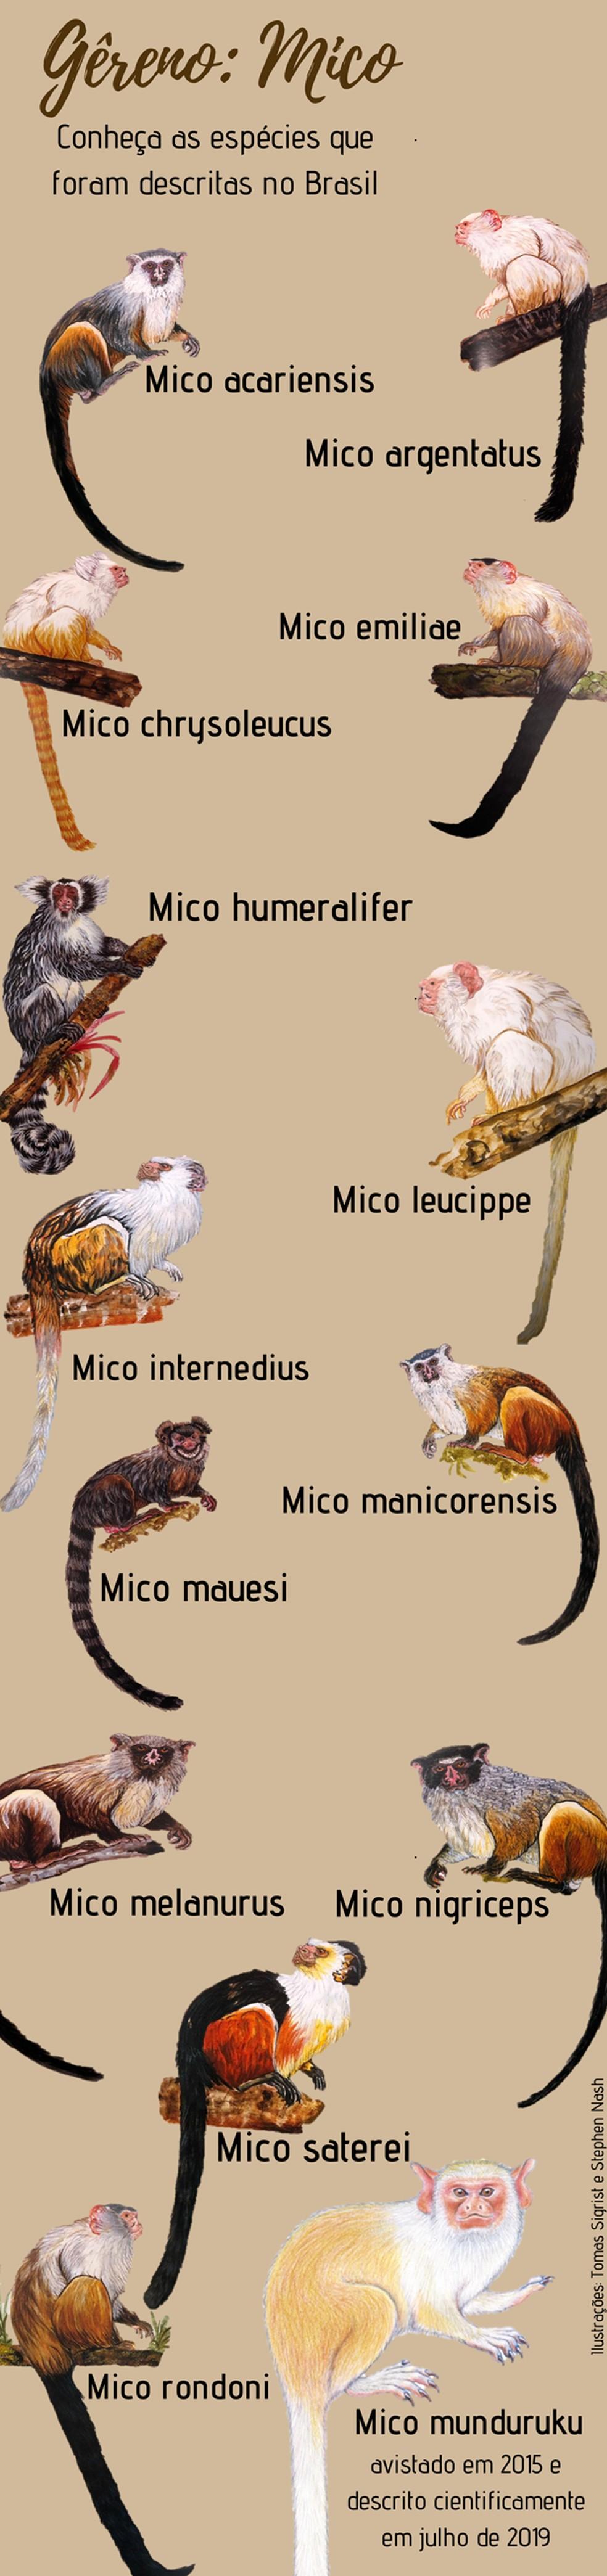 Com a descoberta do novo sagui, o gênero conta com 14 espécies — Foto: Arte TG